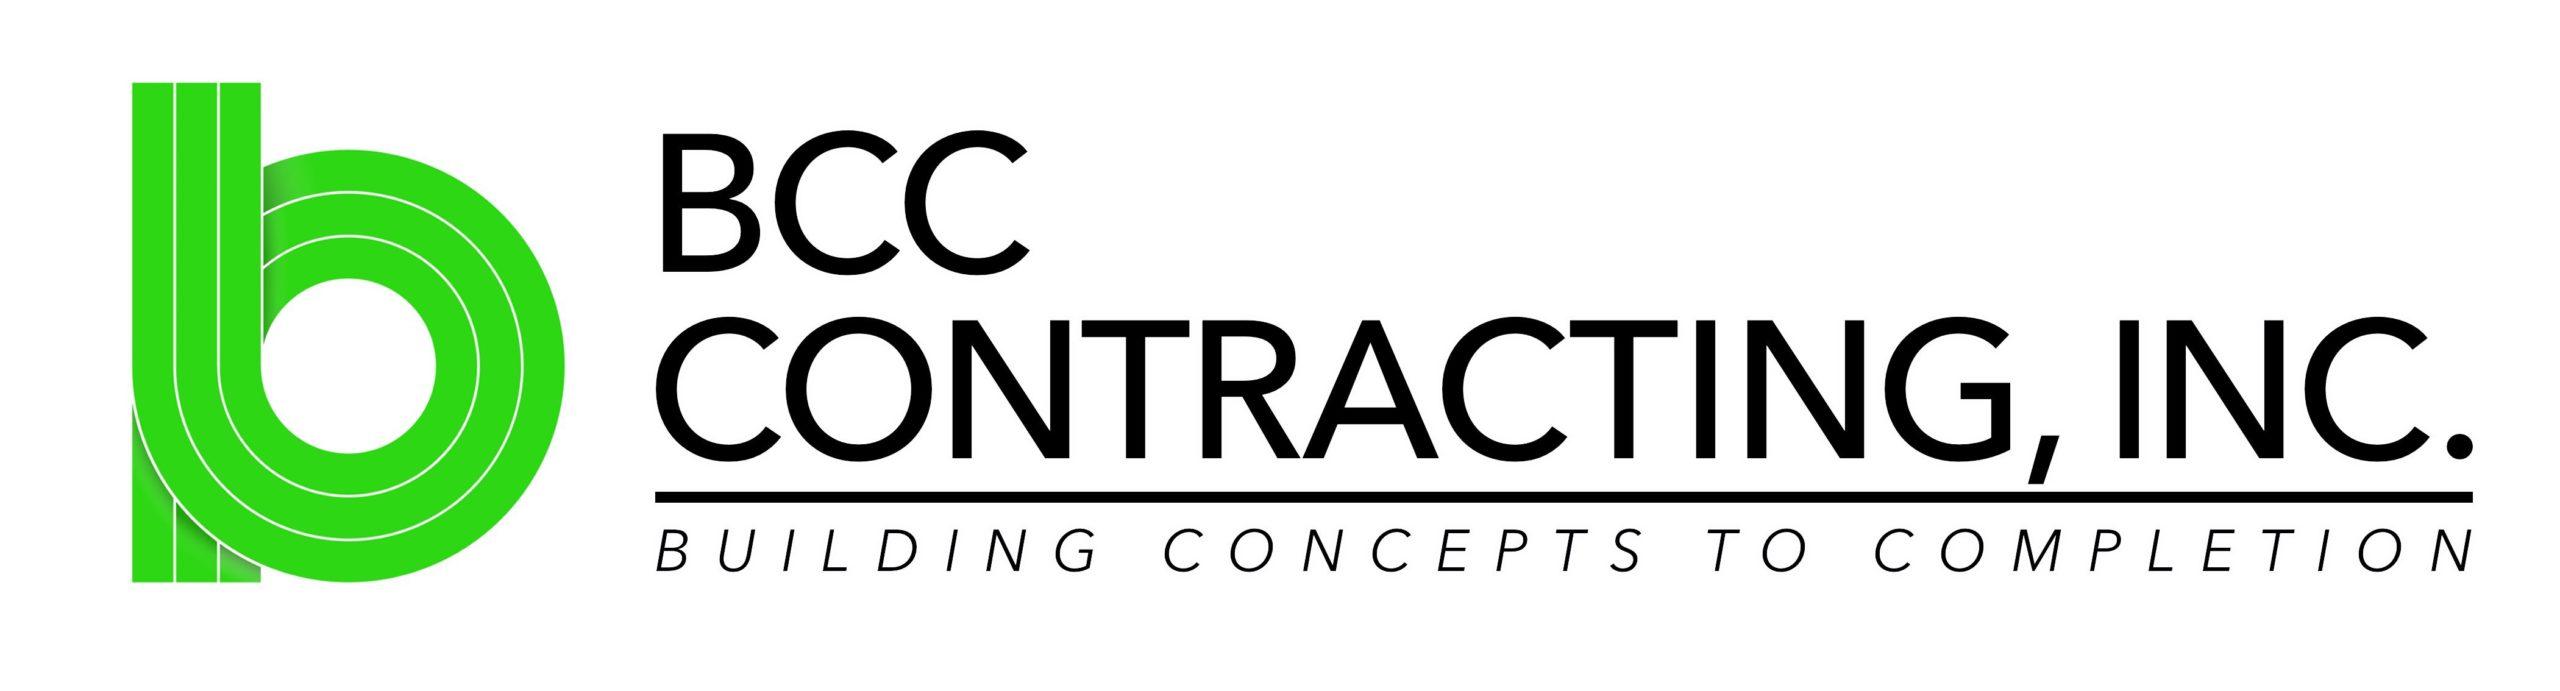 BBC Contracting